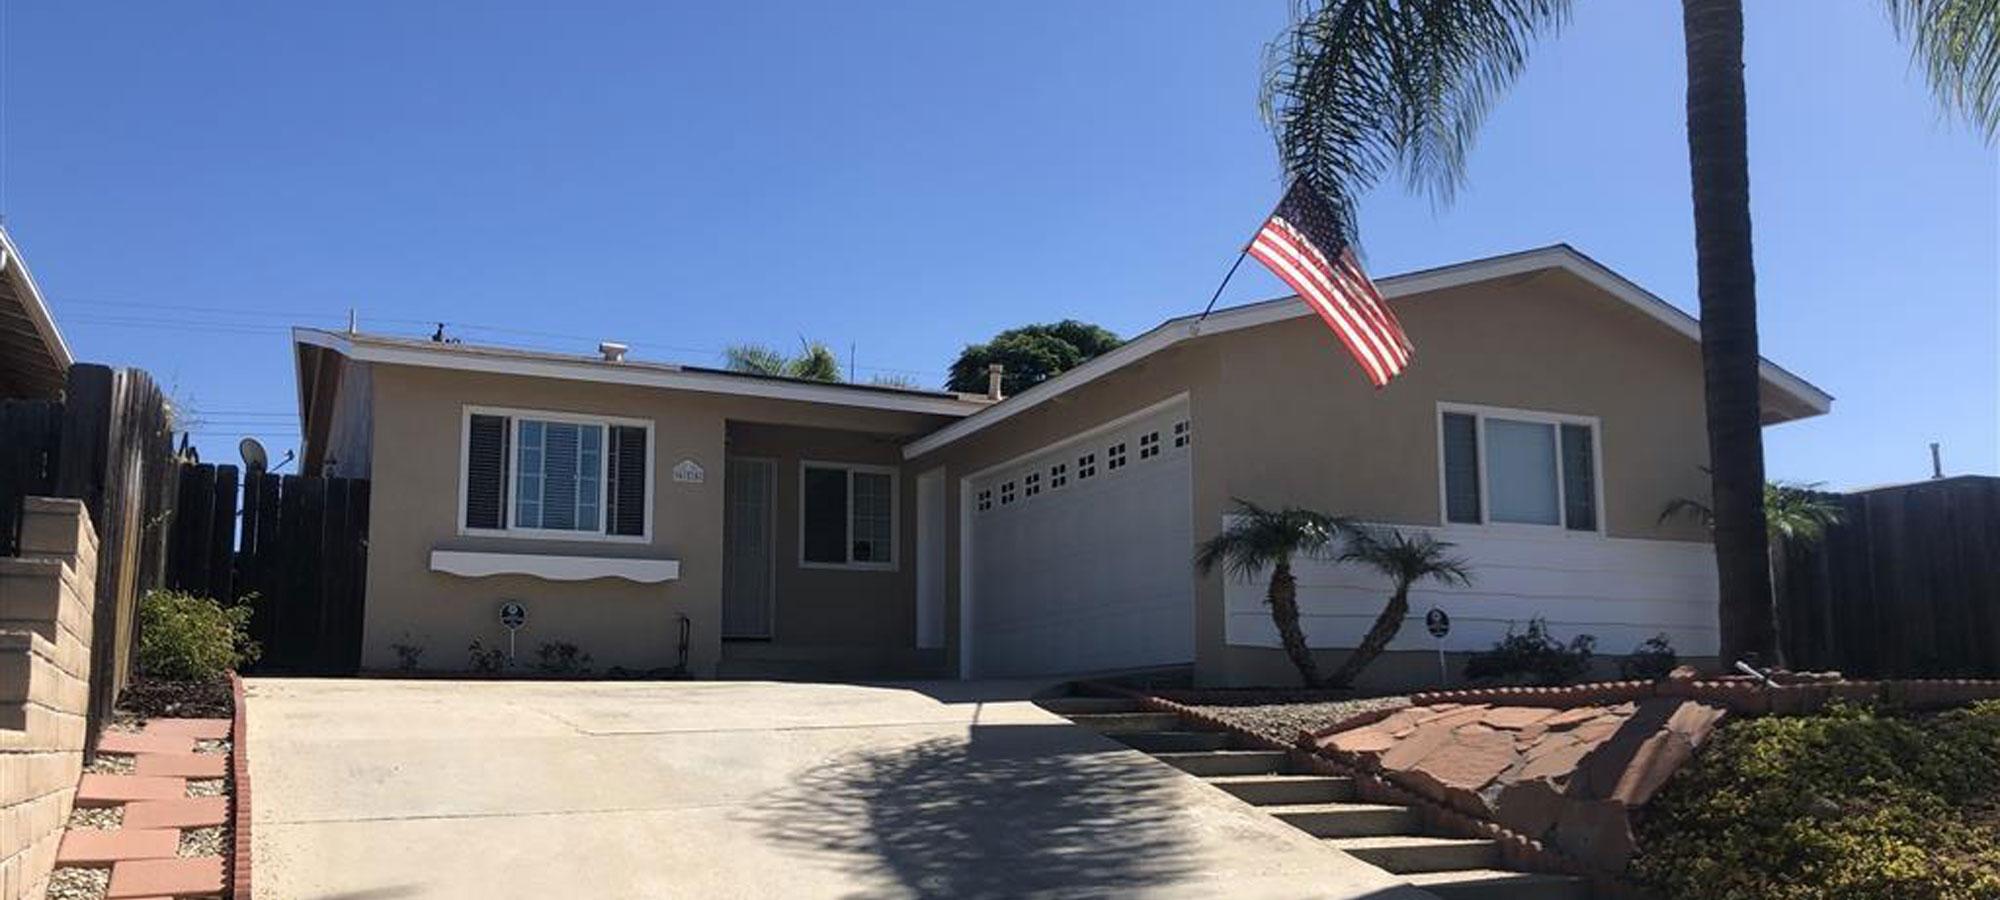 625 Sacramento Ave. Spring Valley, CA 91977